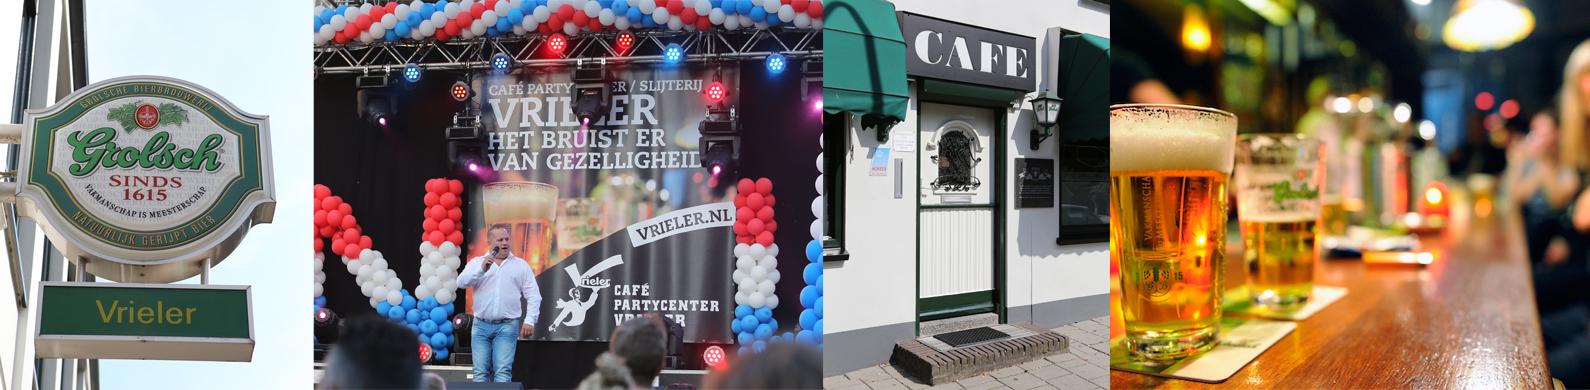 Café Zaalverhuur Slijterij Vrieler in Enschede